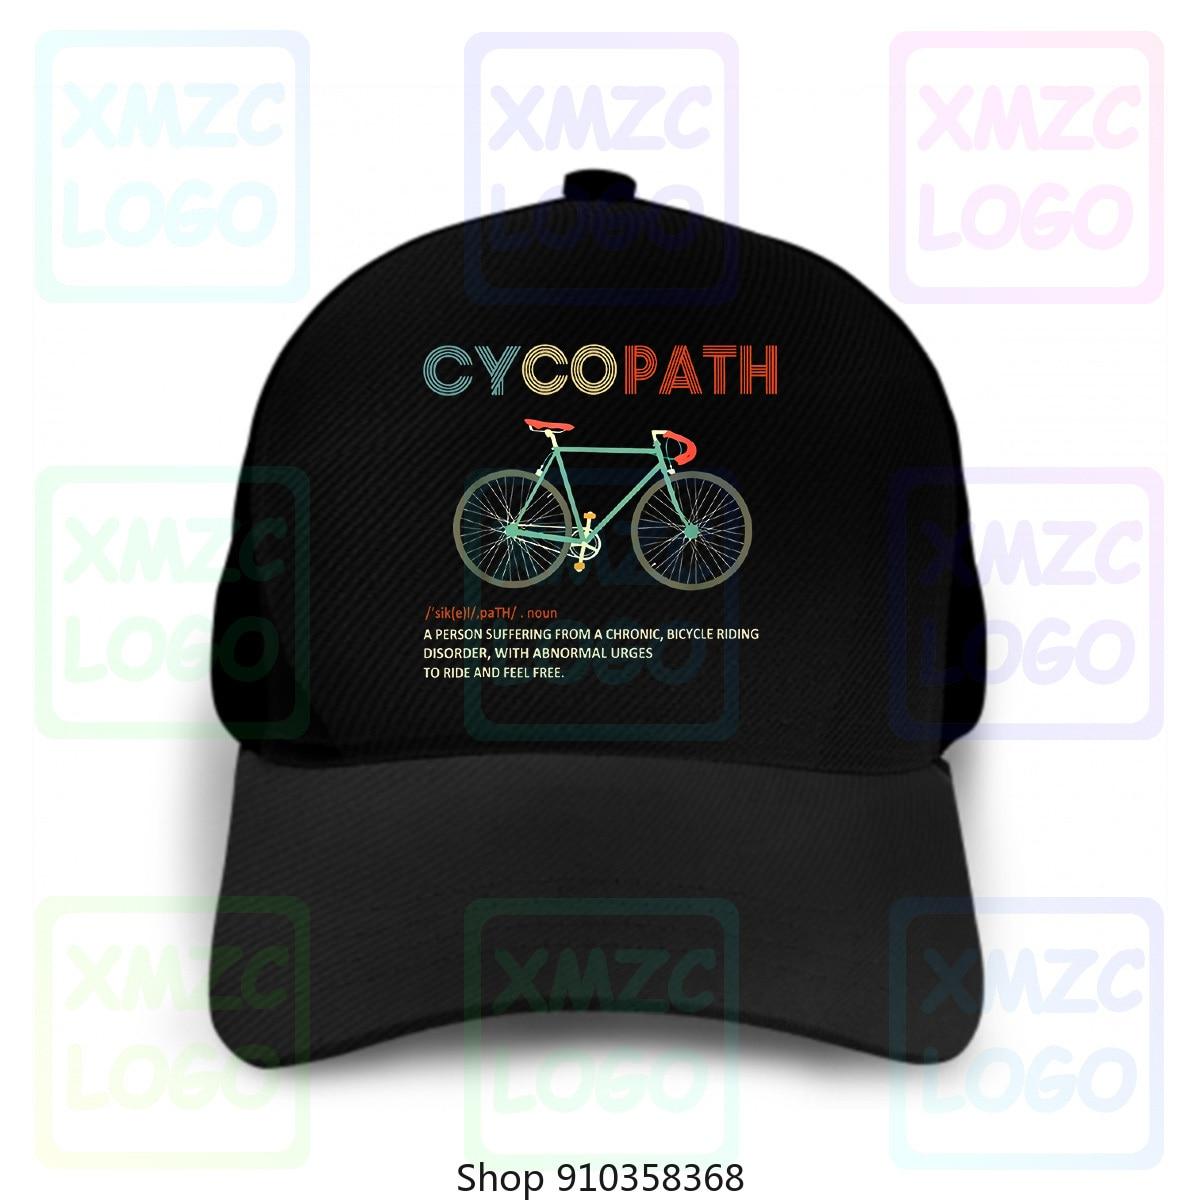 Casquette de Baseball Cycopath drôle vélo cycliste casquette de Baseball Humor S2434 casquette de Baseball pour hommes femmes mâle femme fille casquettes de Baseball 2